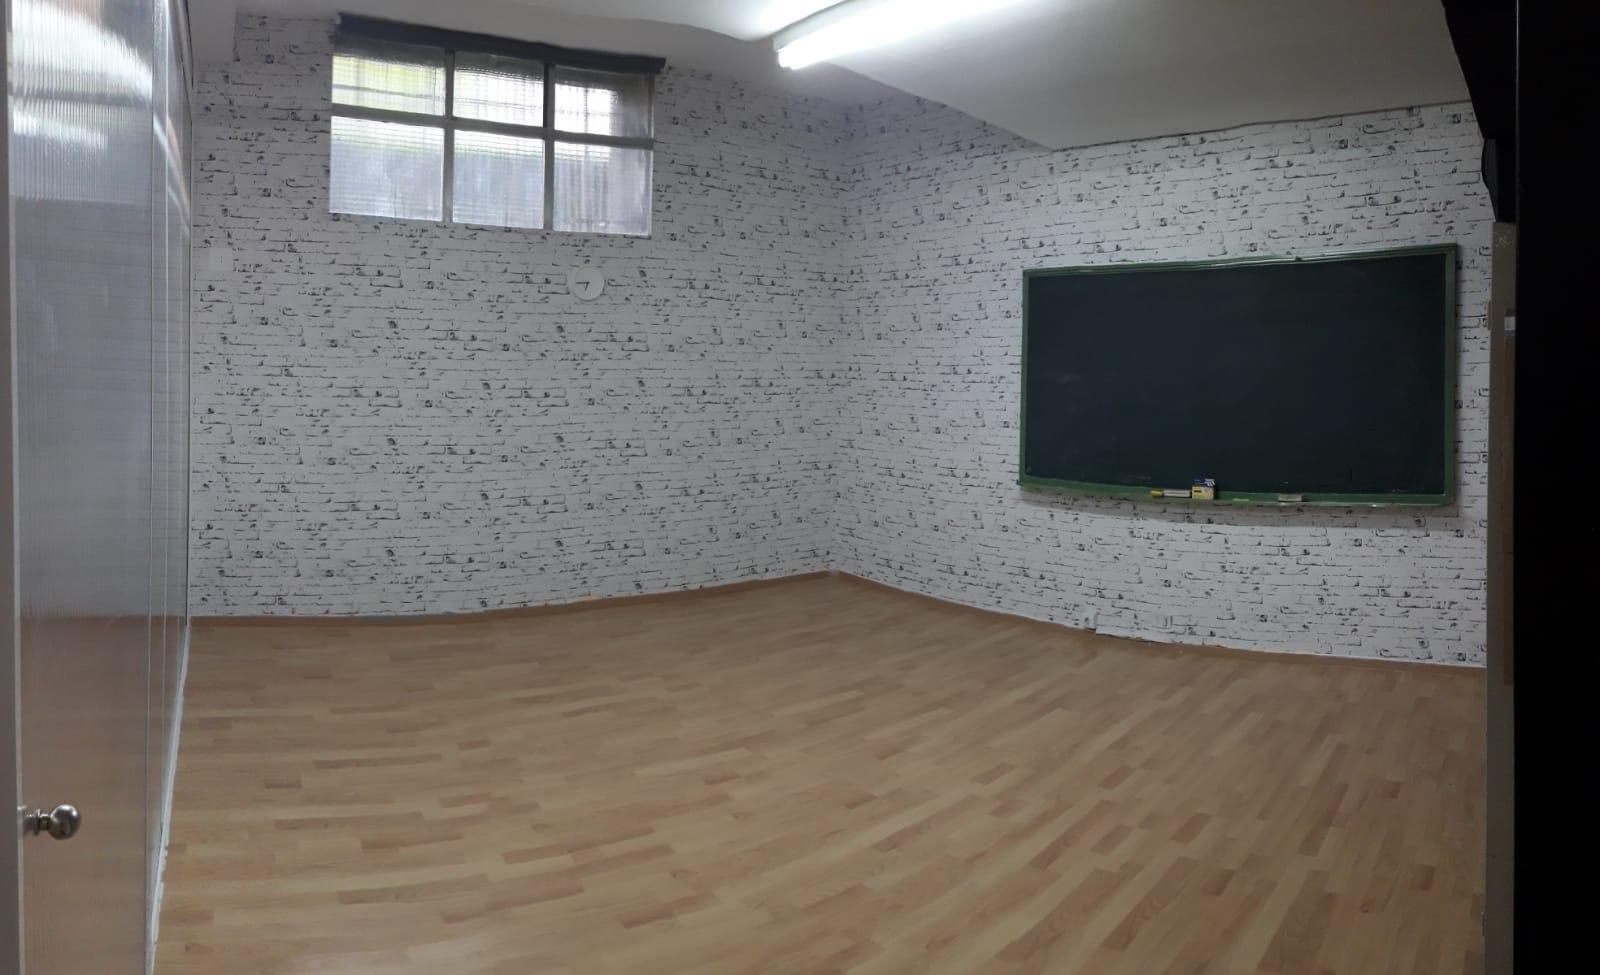 Espacio compartido para artistas y profesores